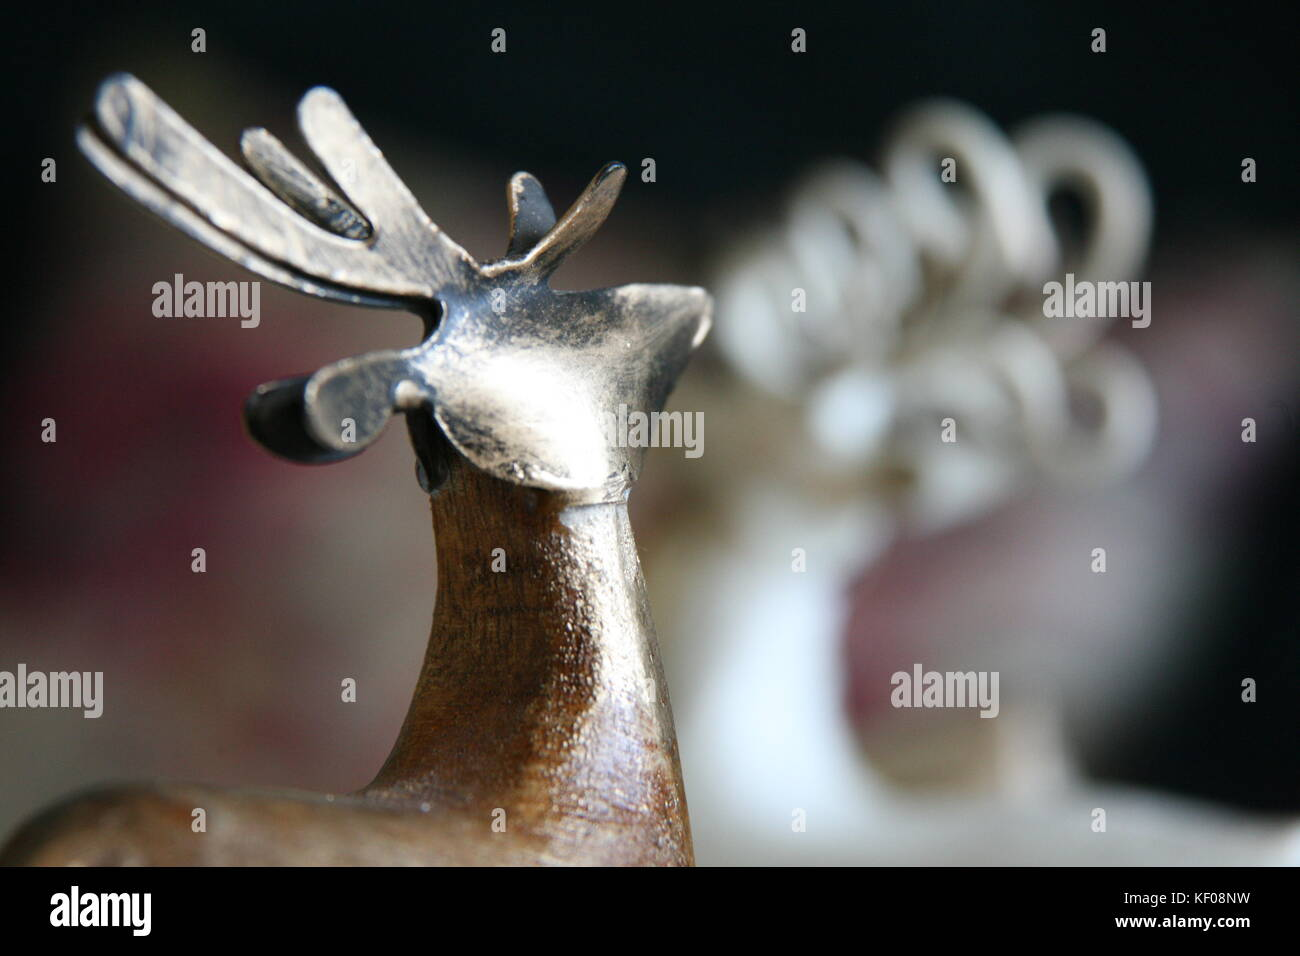 Seasons greetings stock photos seasons greetings stock images alamy seasons greetings christmas reindeer stock image kristyandbryce Images